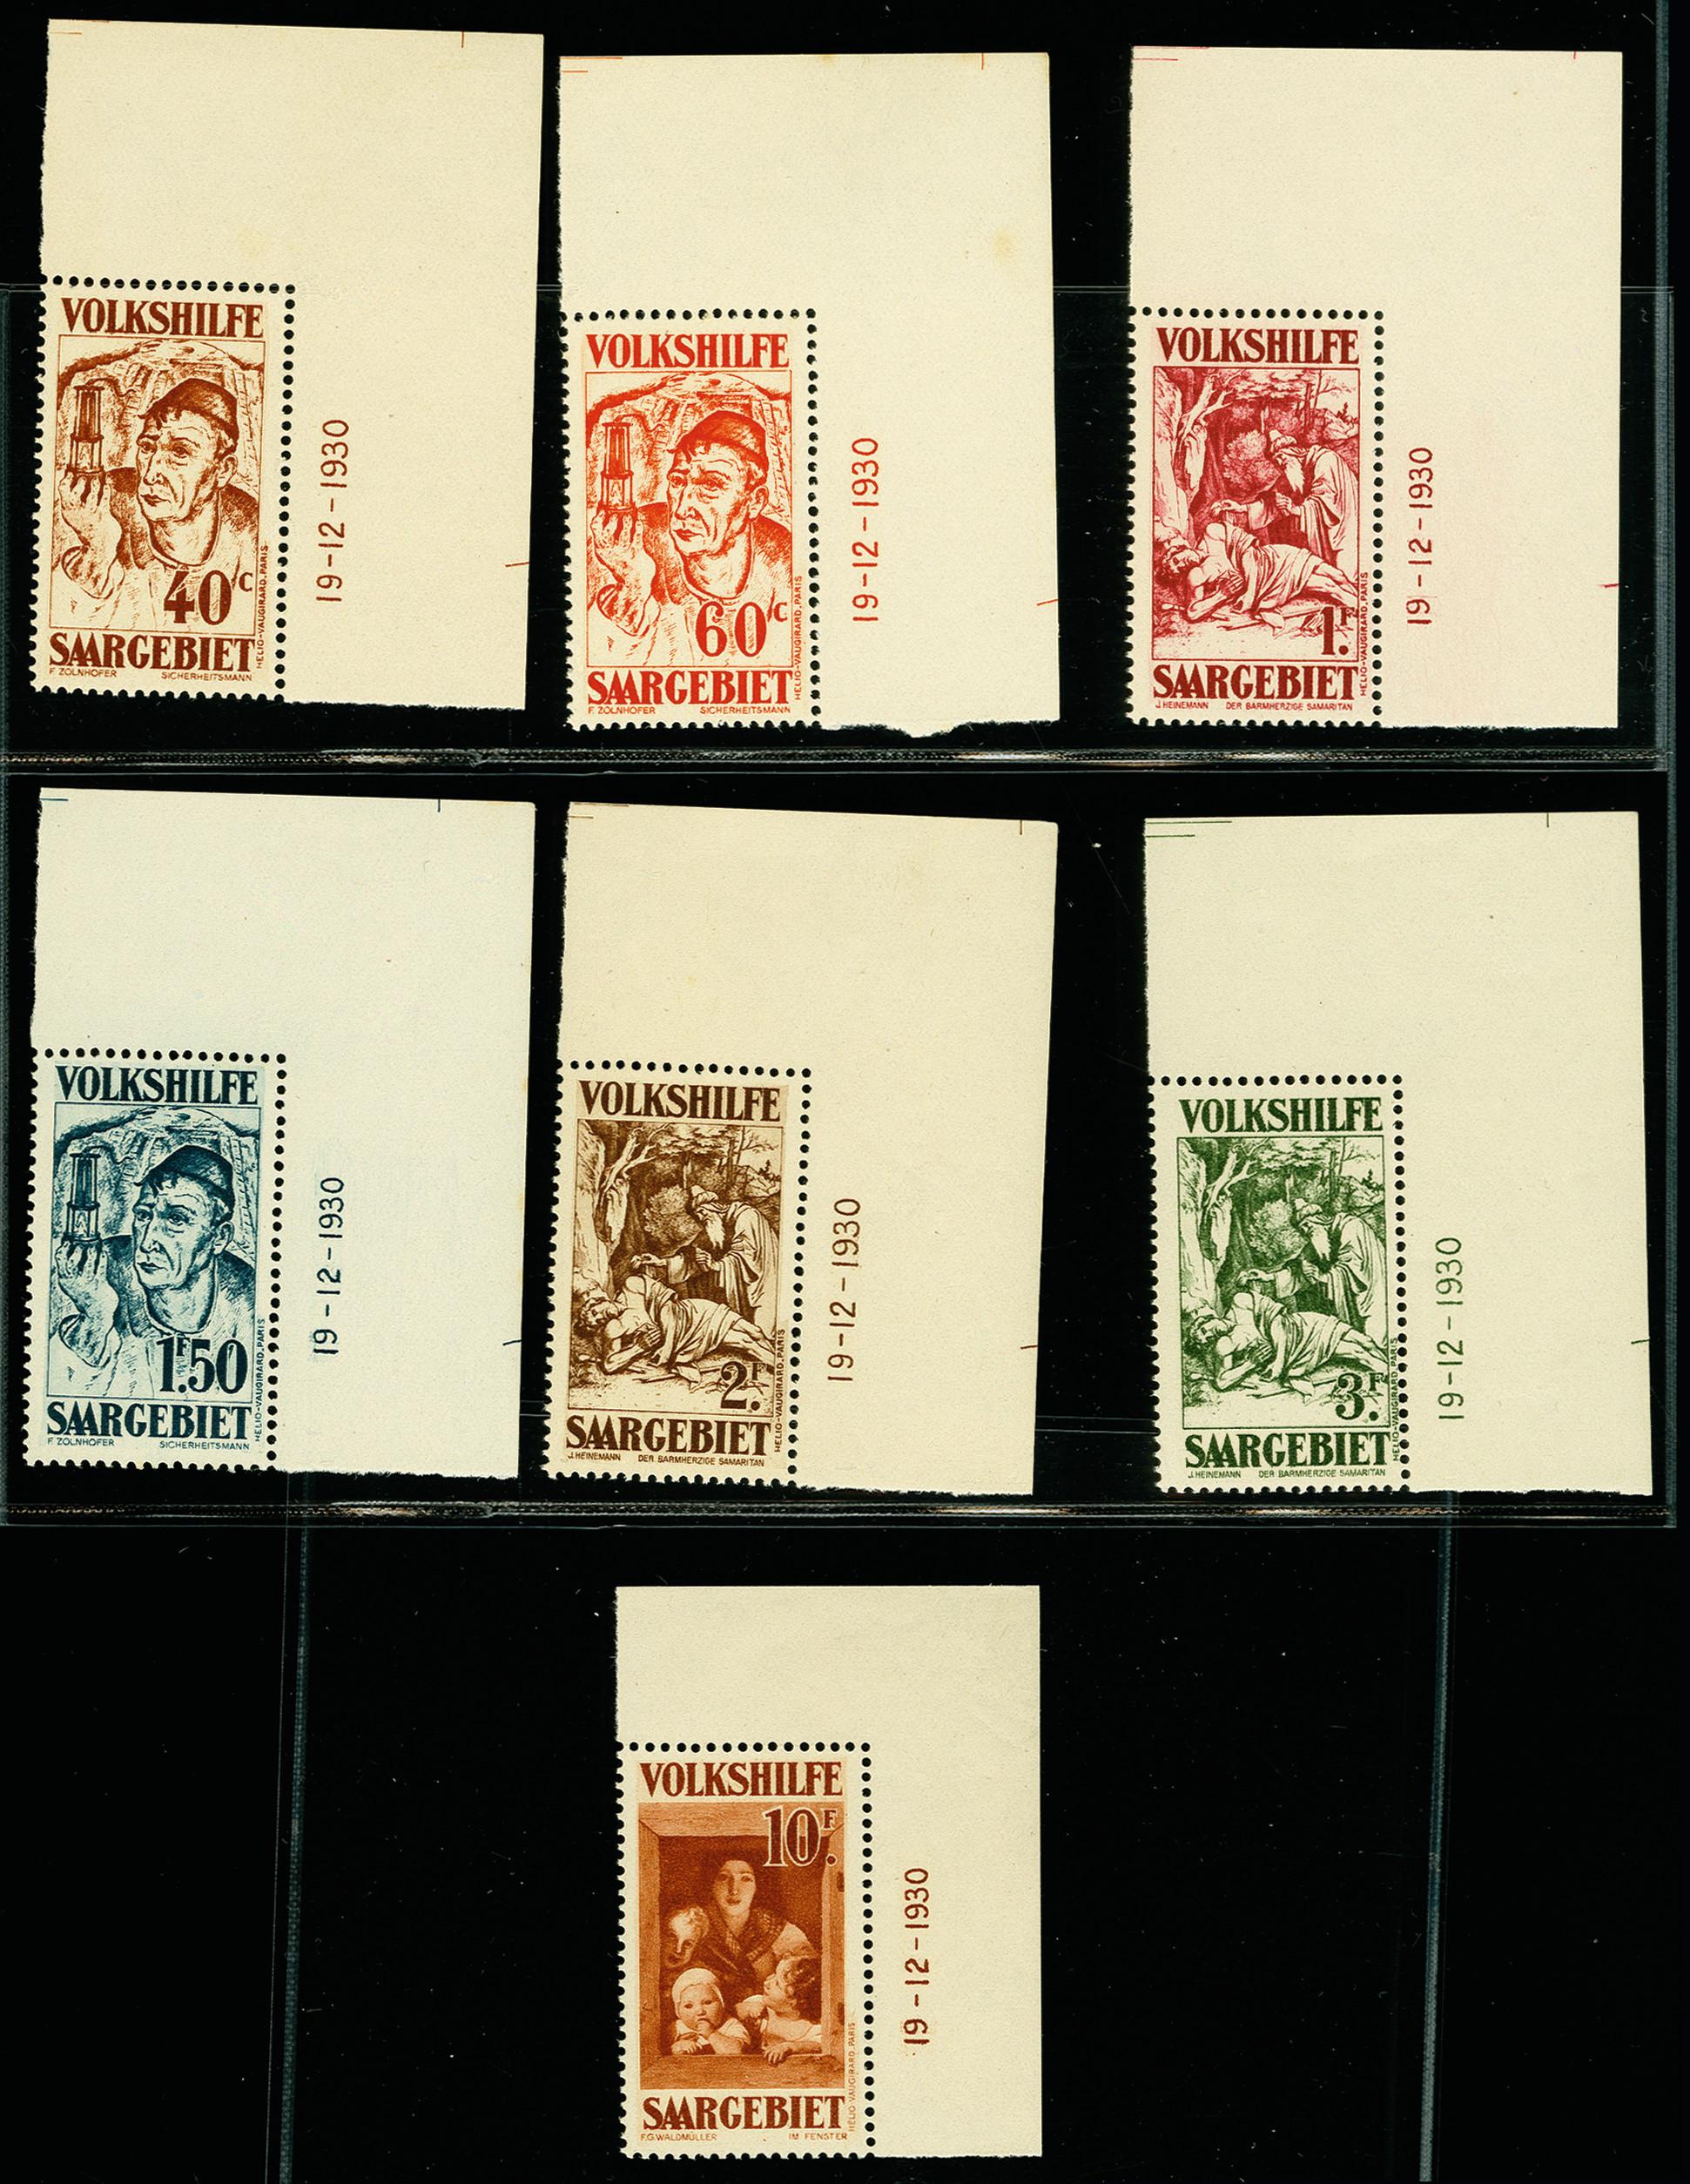 Lot 3120 - Main catalogue saar -  Heinrich Koehler Auktionen 375rd Heinrich Köhler auction - Day 2